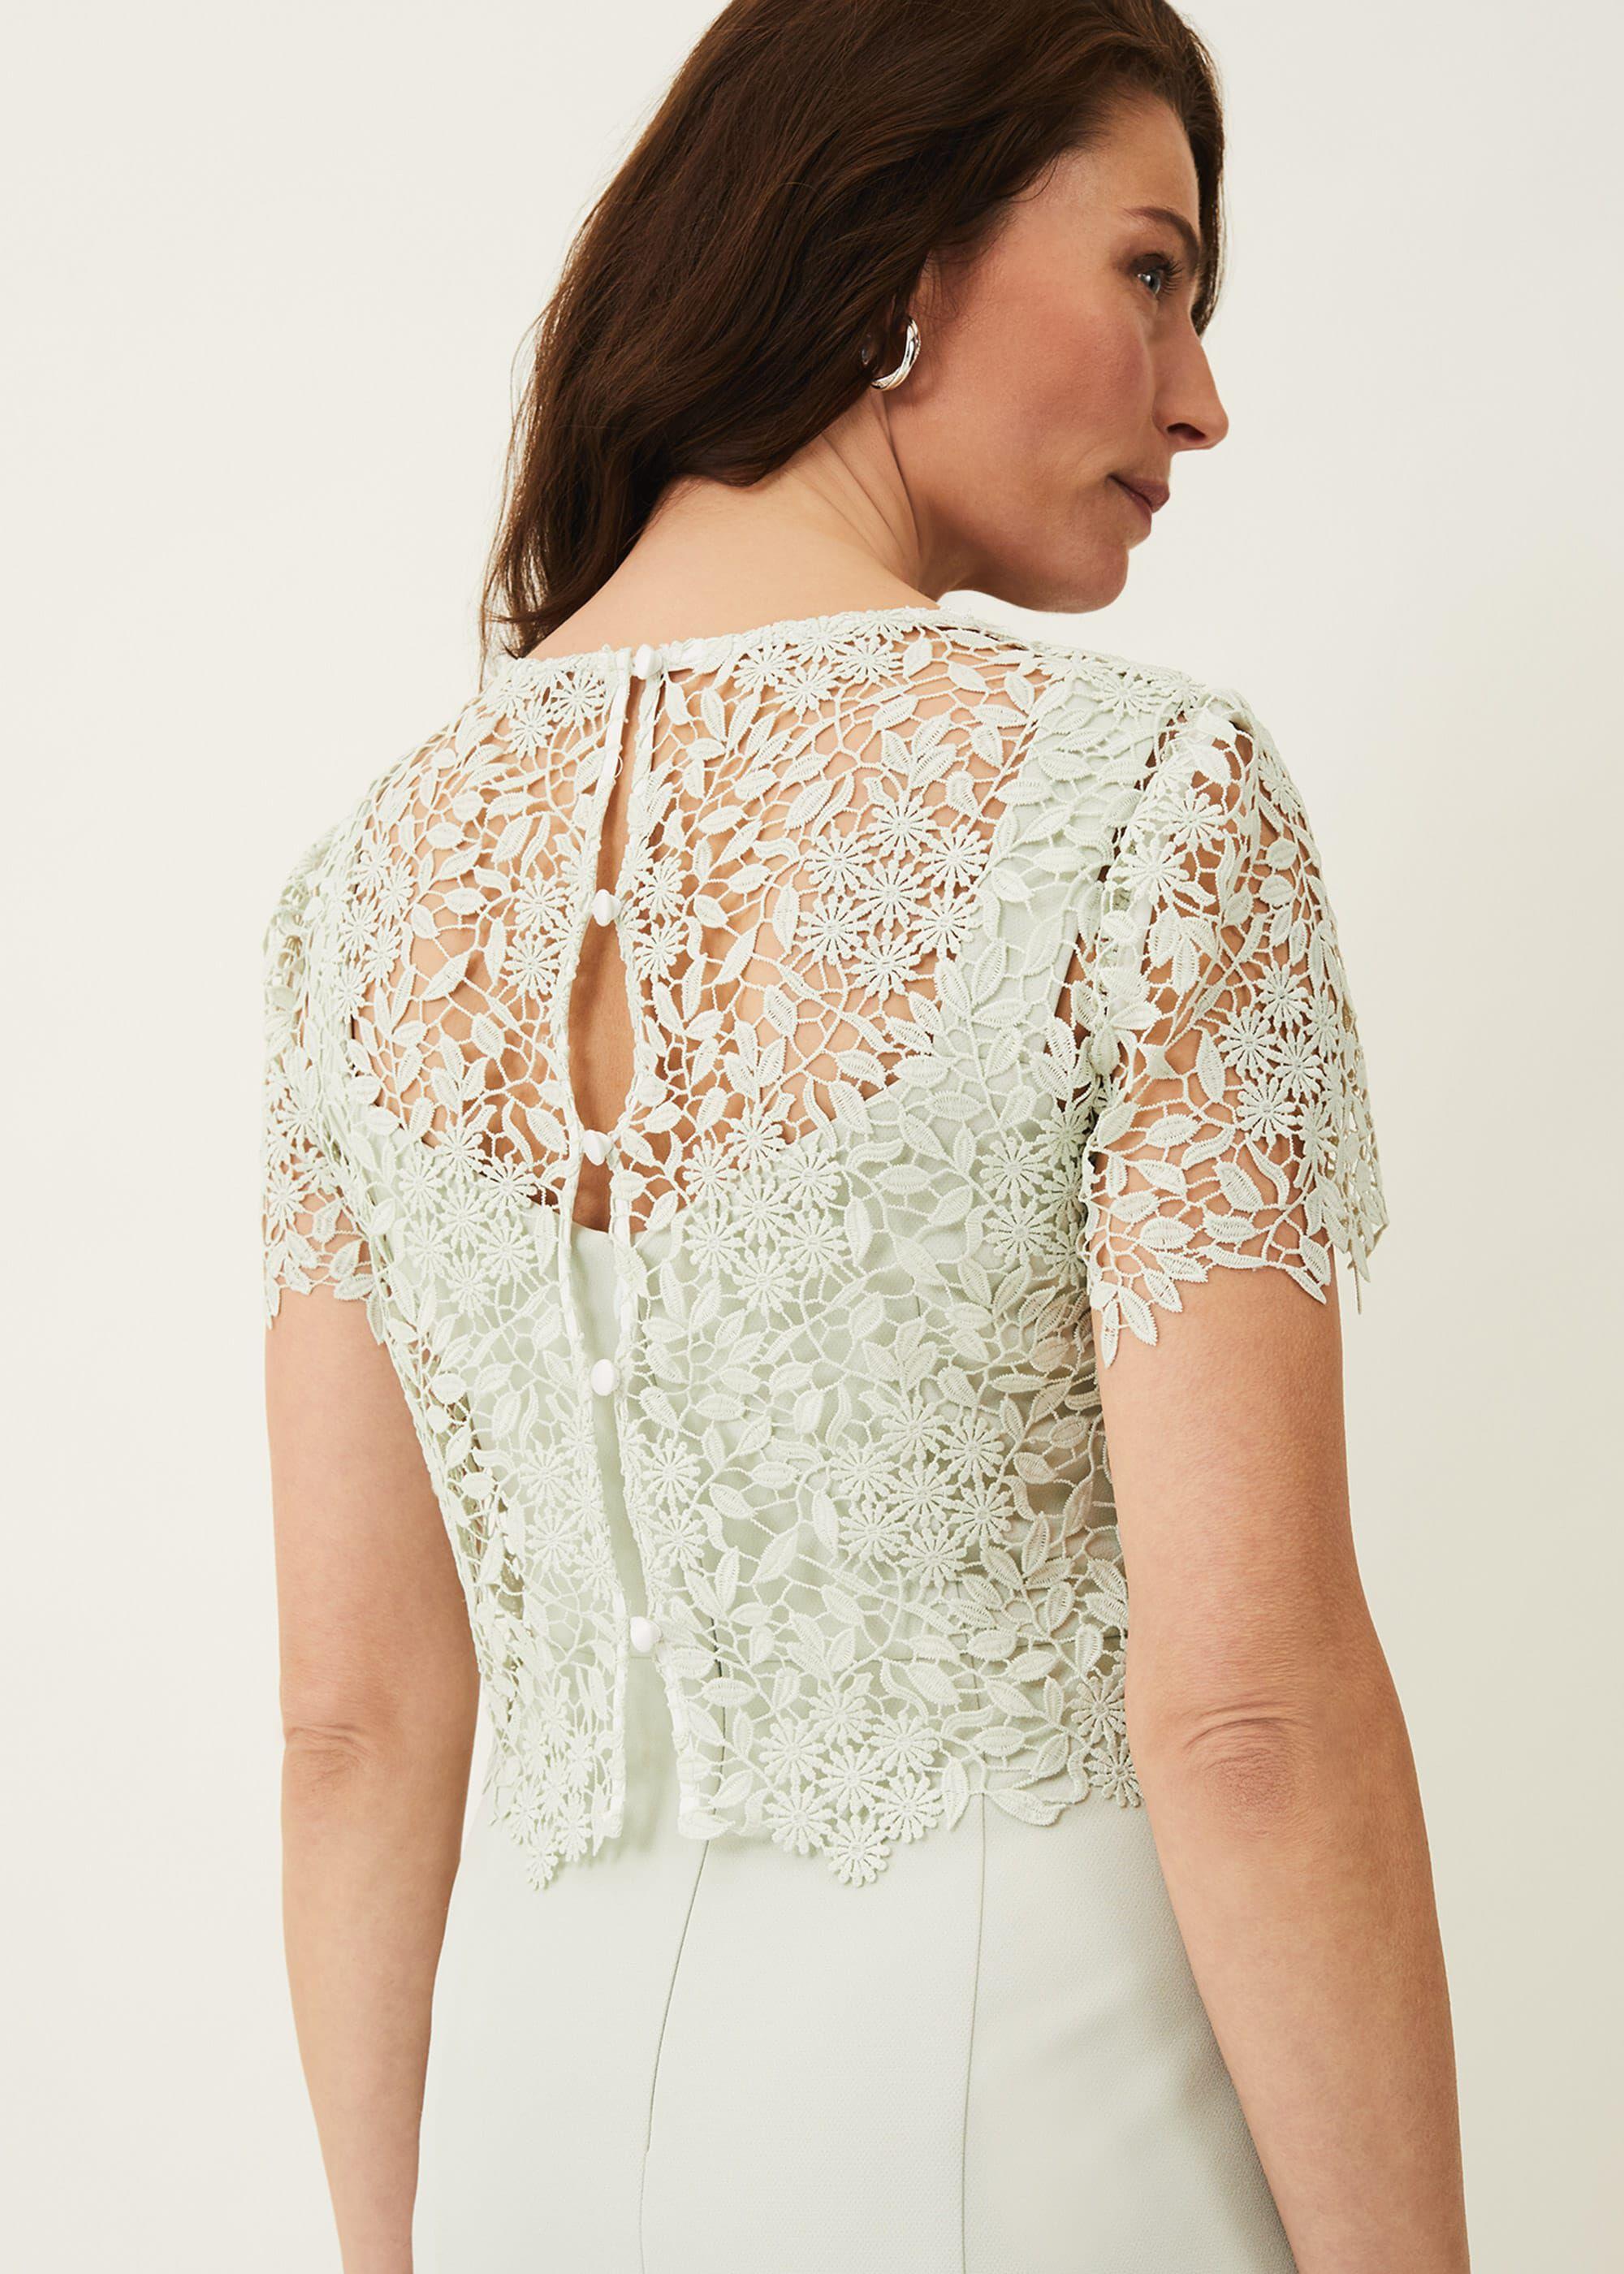 Georgia Layered Lace Dress